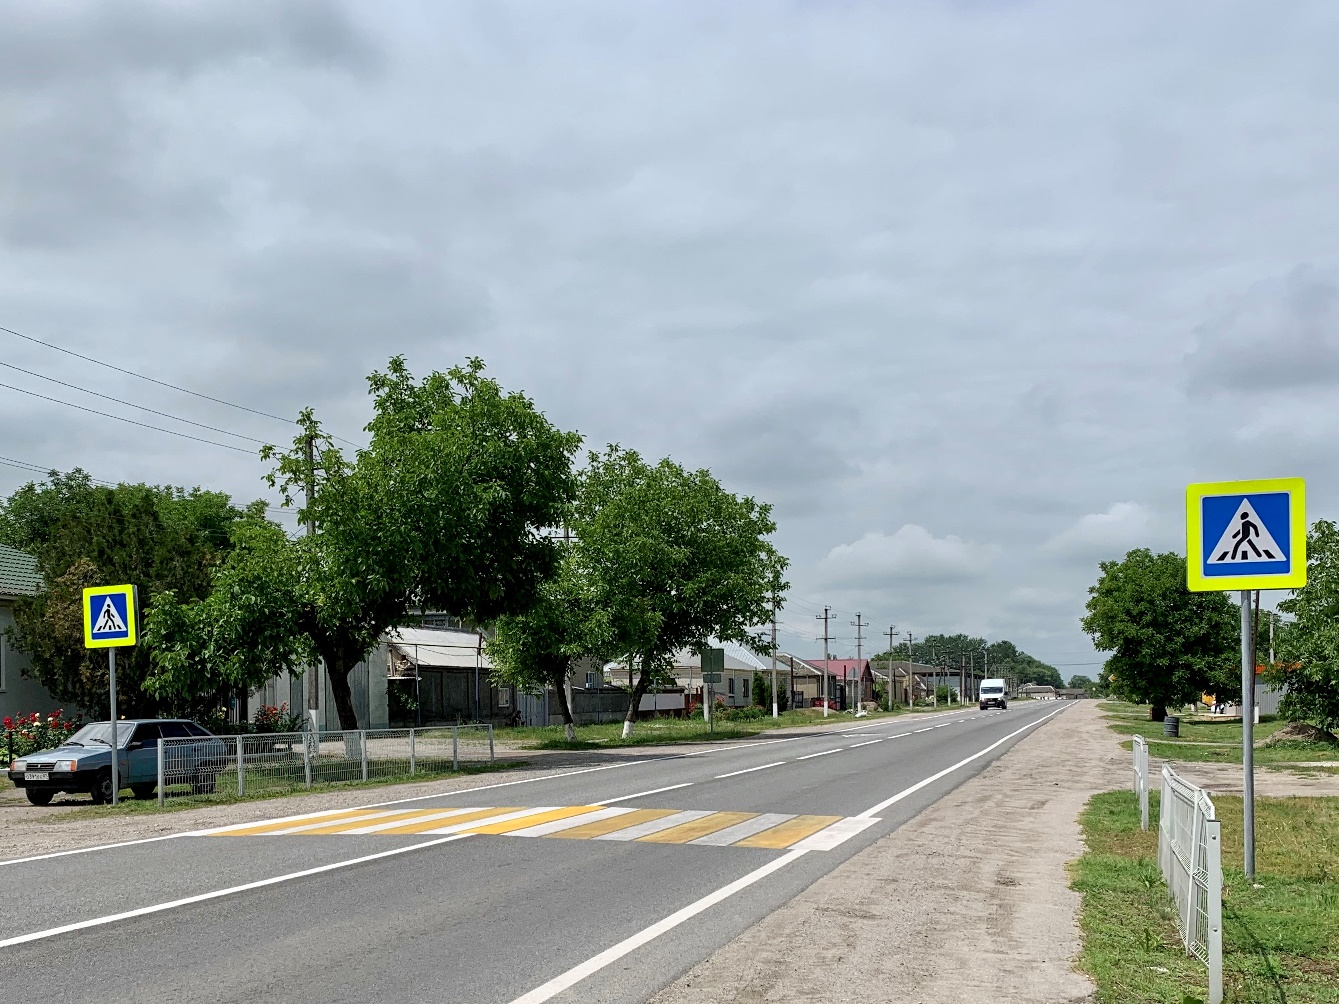 В КБР устроят освещение в трех населенных пунктах на трассе А-158